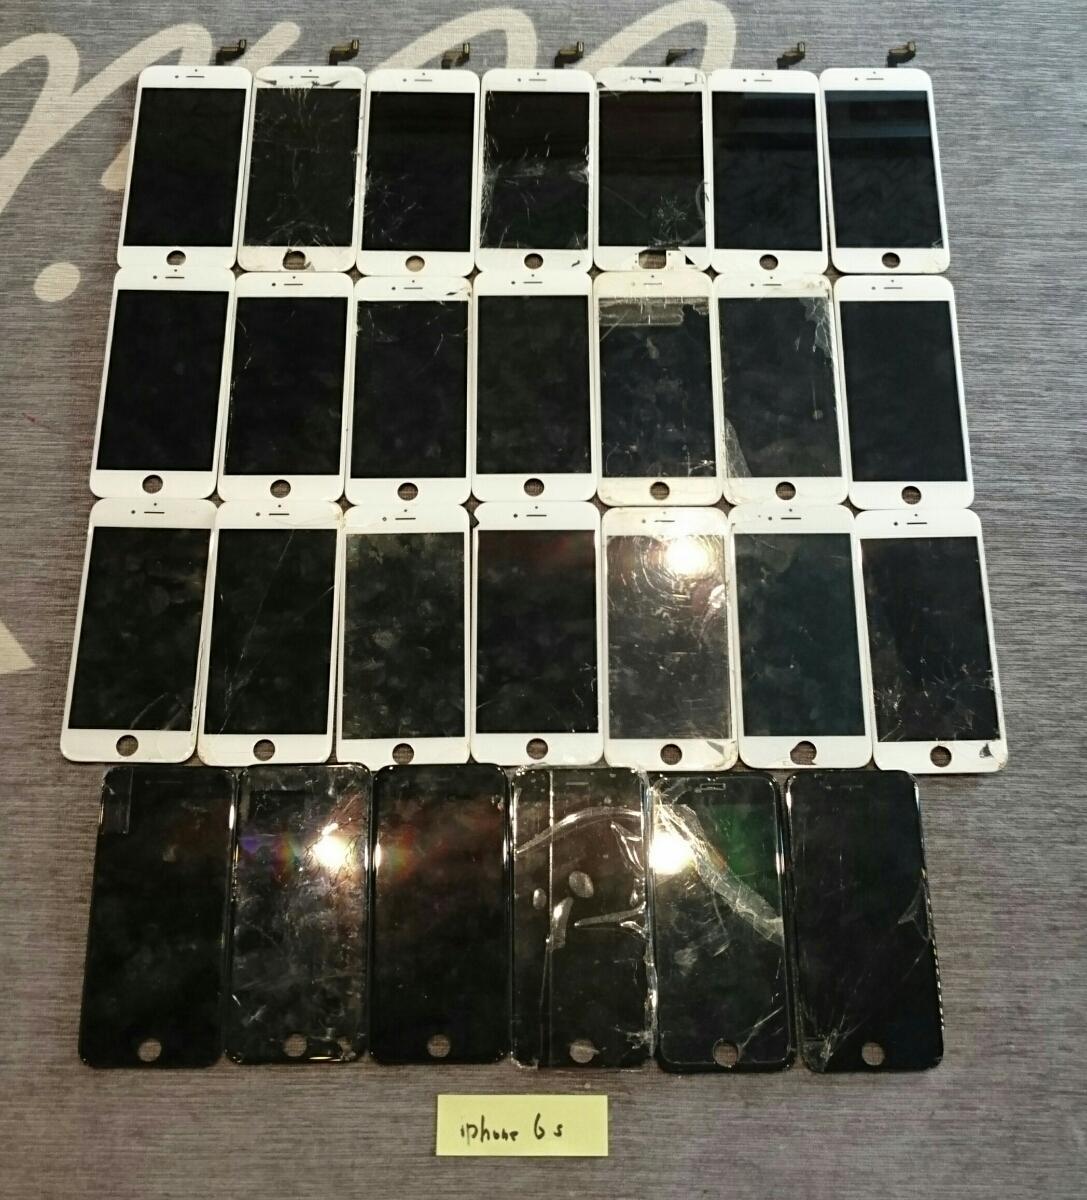 iPhone8/7Plus/7/6sPlus/6s/6Plus/6用液晶パネル113枚ジャンク品まとめ売りセット_画像6